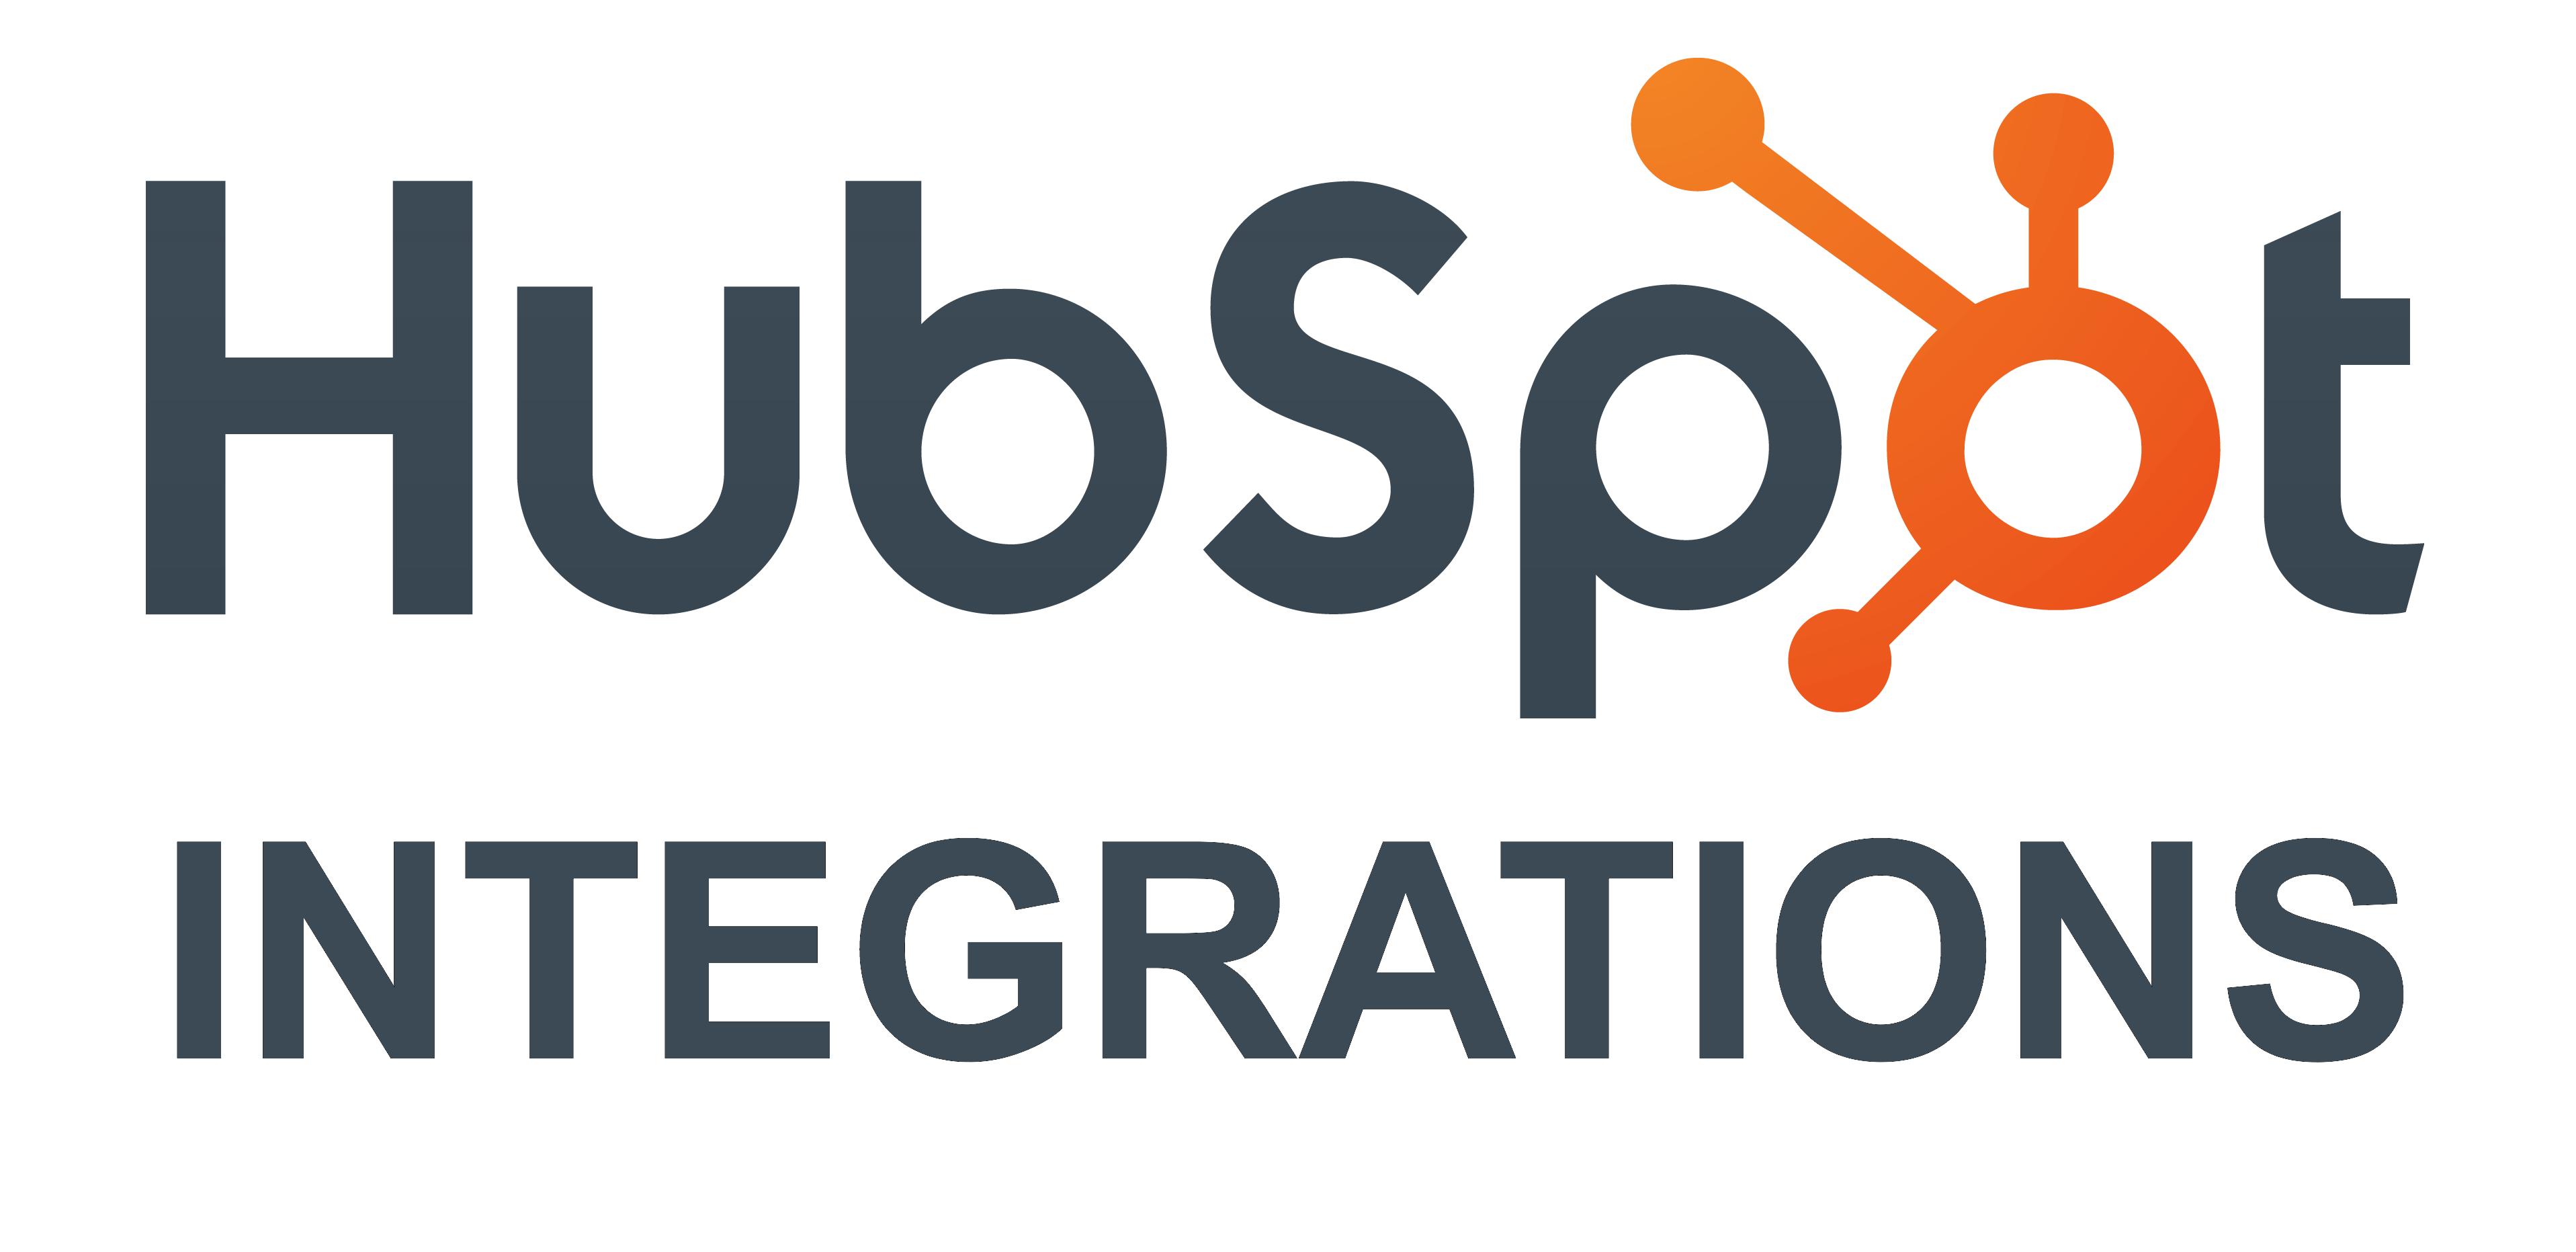 https://cdn2.hubspot.net/hubfs/32387/HS%20Integrations%20copy.png